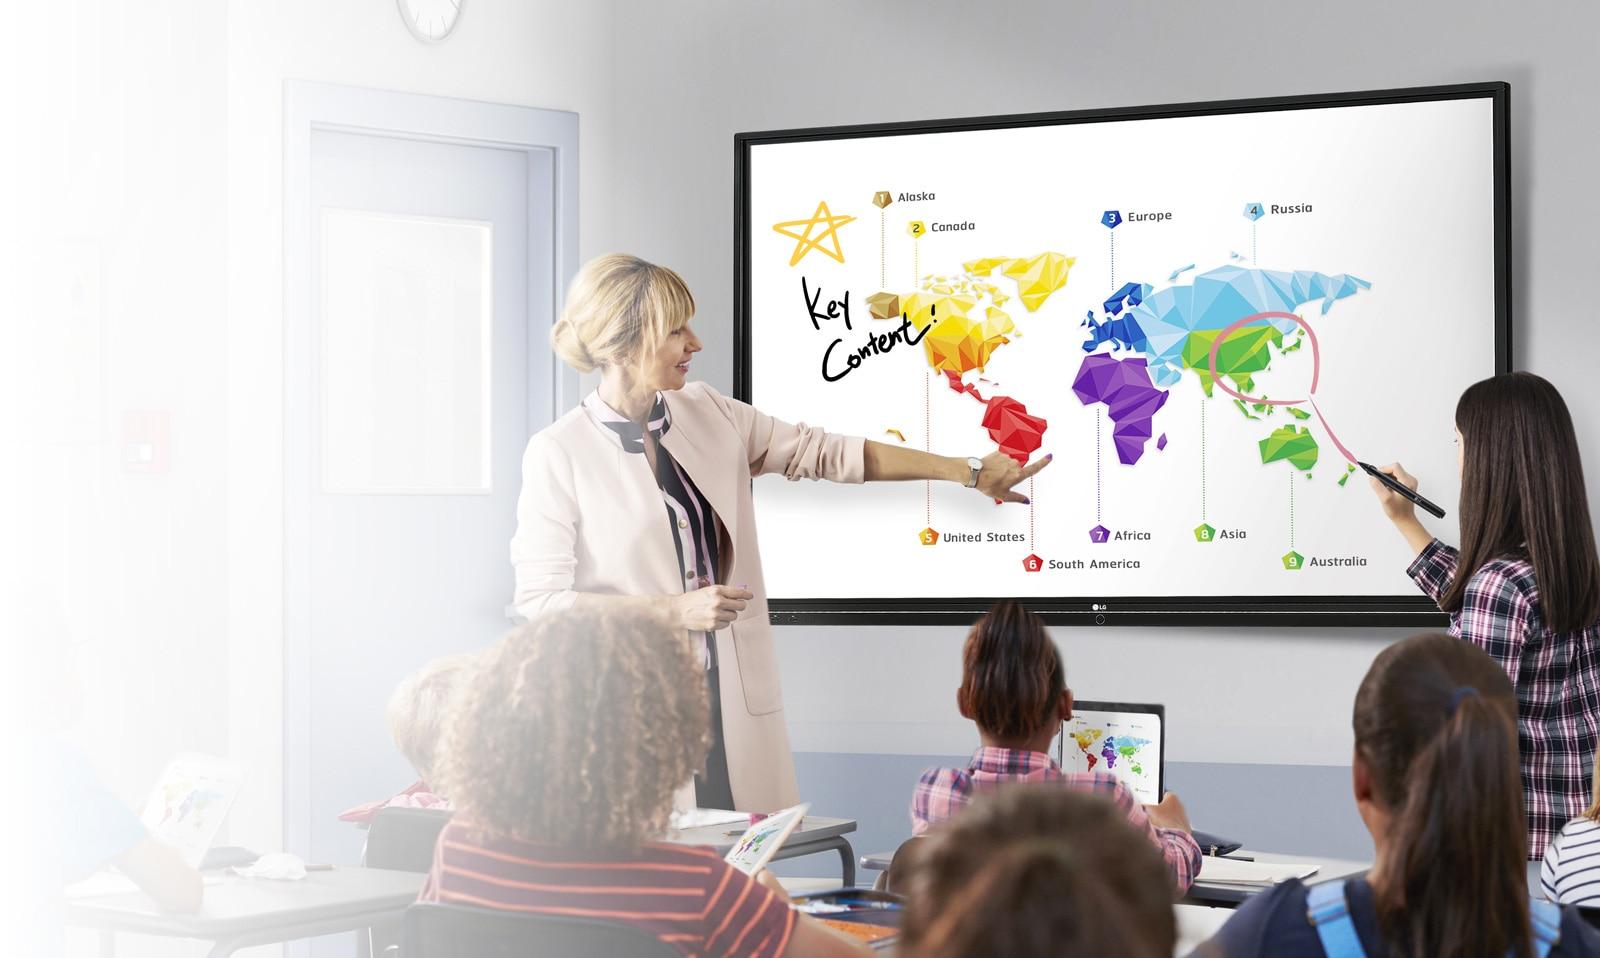 Истинная интерактивность, объединяющая людей1